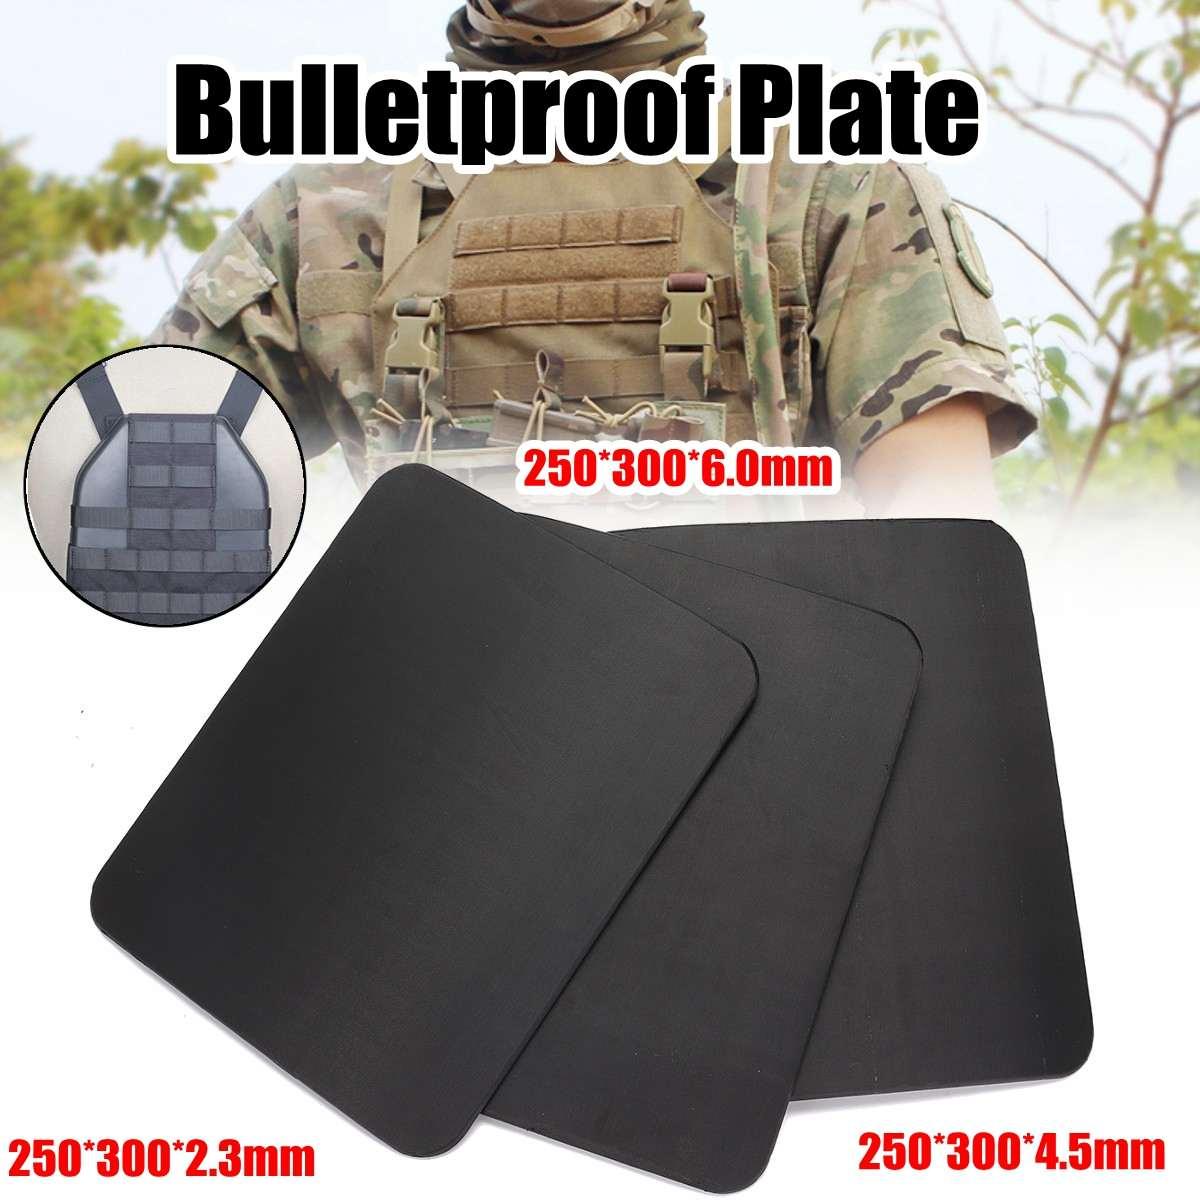 2.3mm/6.5mm/6.0mm placa de aço à prova de balas militar armadura de engrenagem de segurança da polícia suporte sozinho painel à prova de balas para rifle de assalto